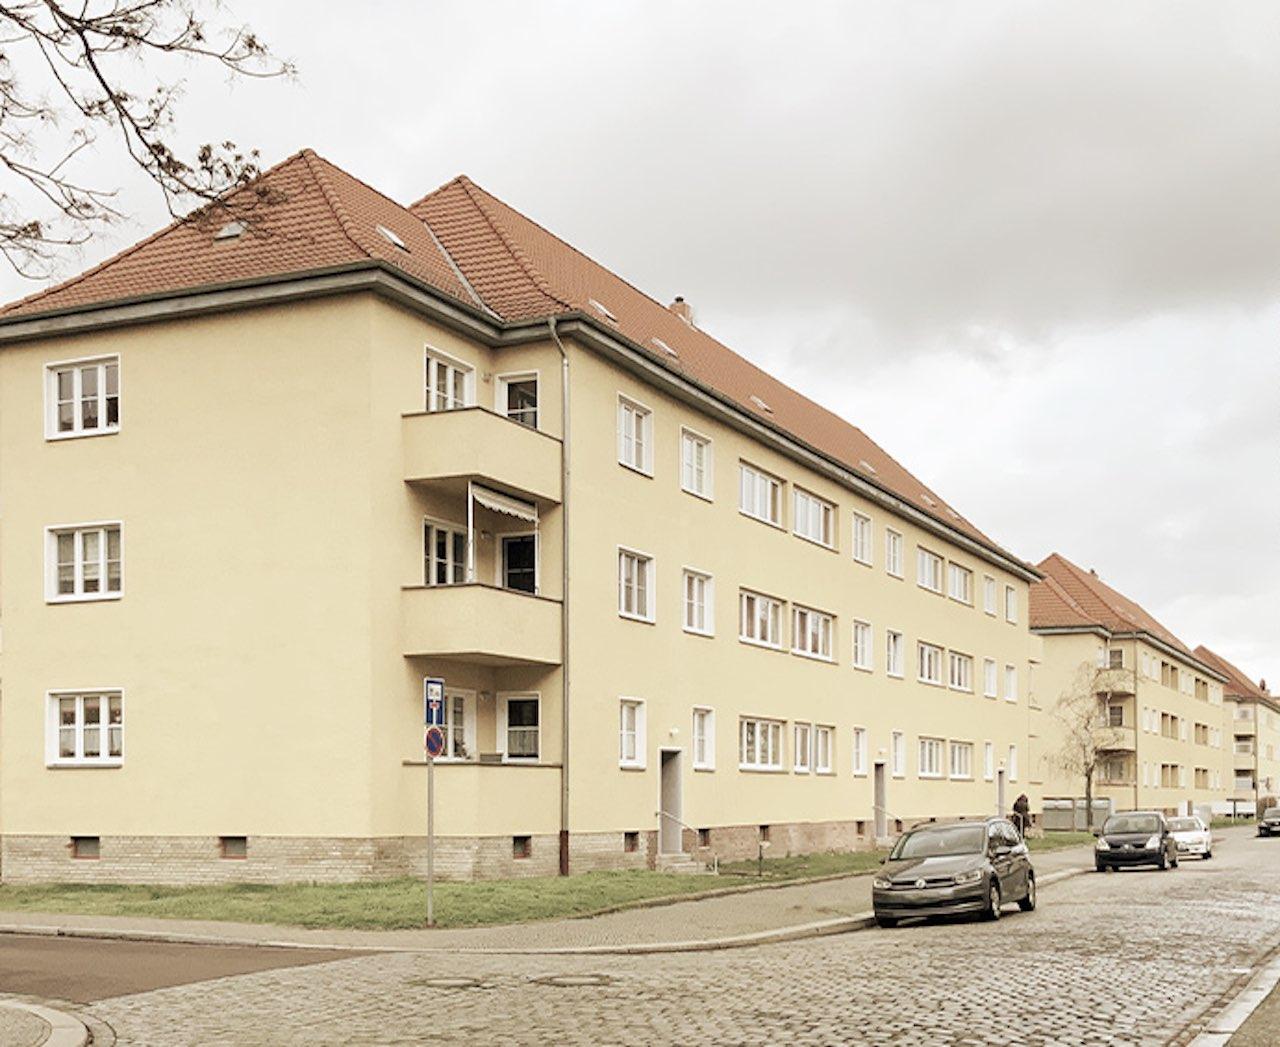 Von AS Unternehmensgruppe erworben: Gelbe Mehrfamilienhäuser mit rotem Dach.